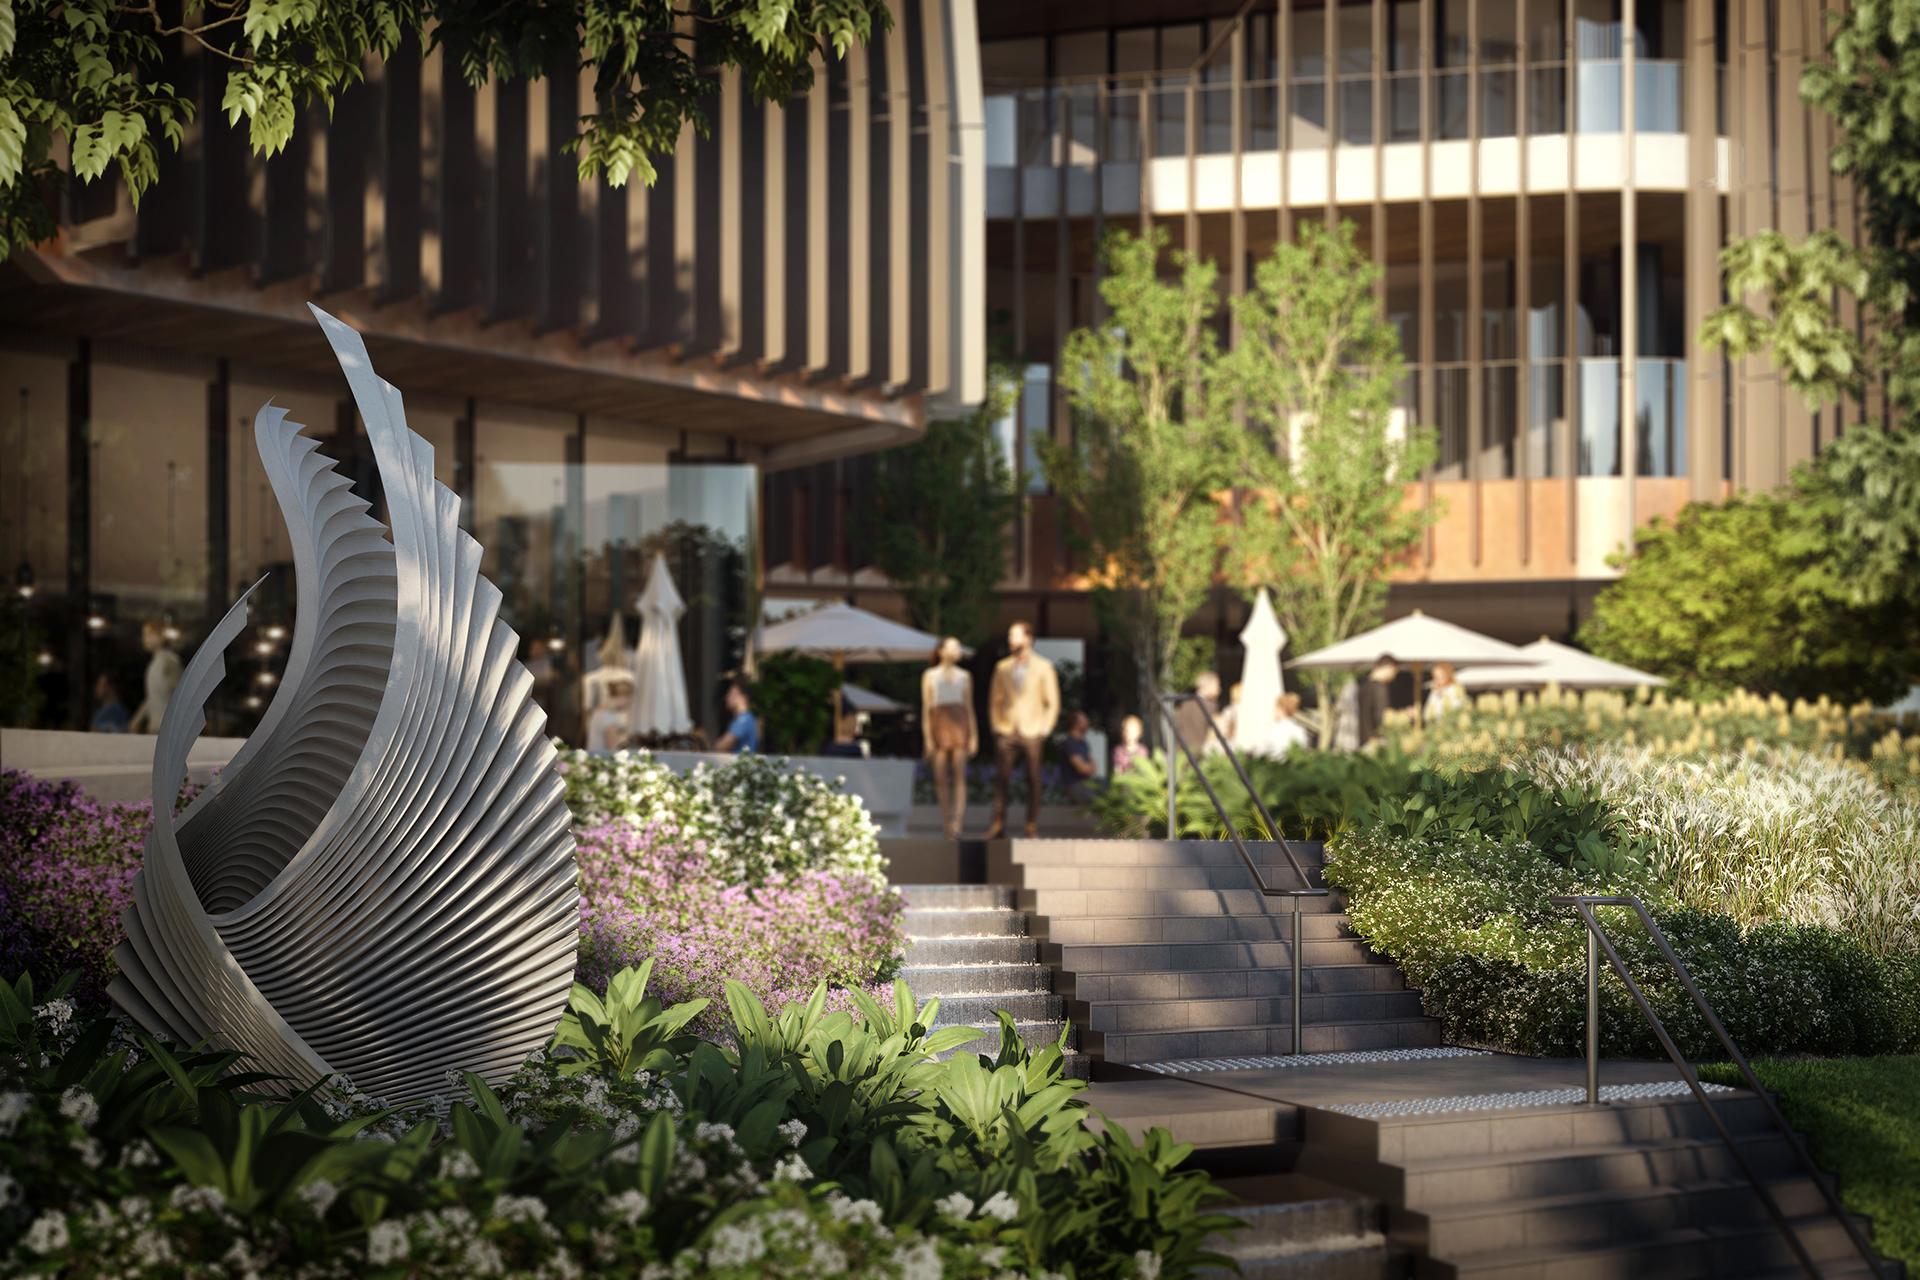 OSKH9386 Melbourne Square EA03 Kavanagh Park Detail